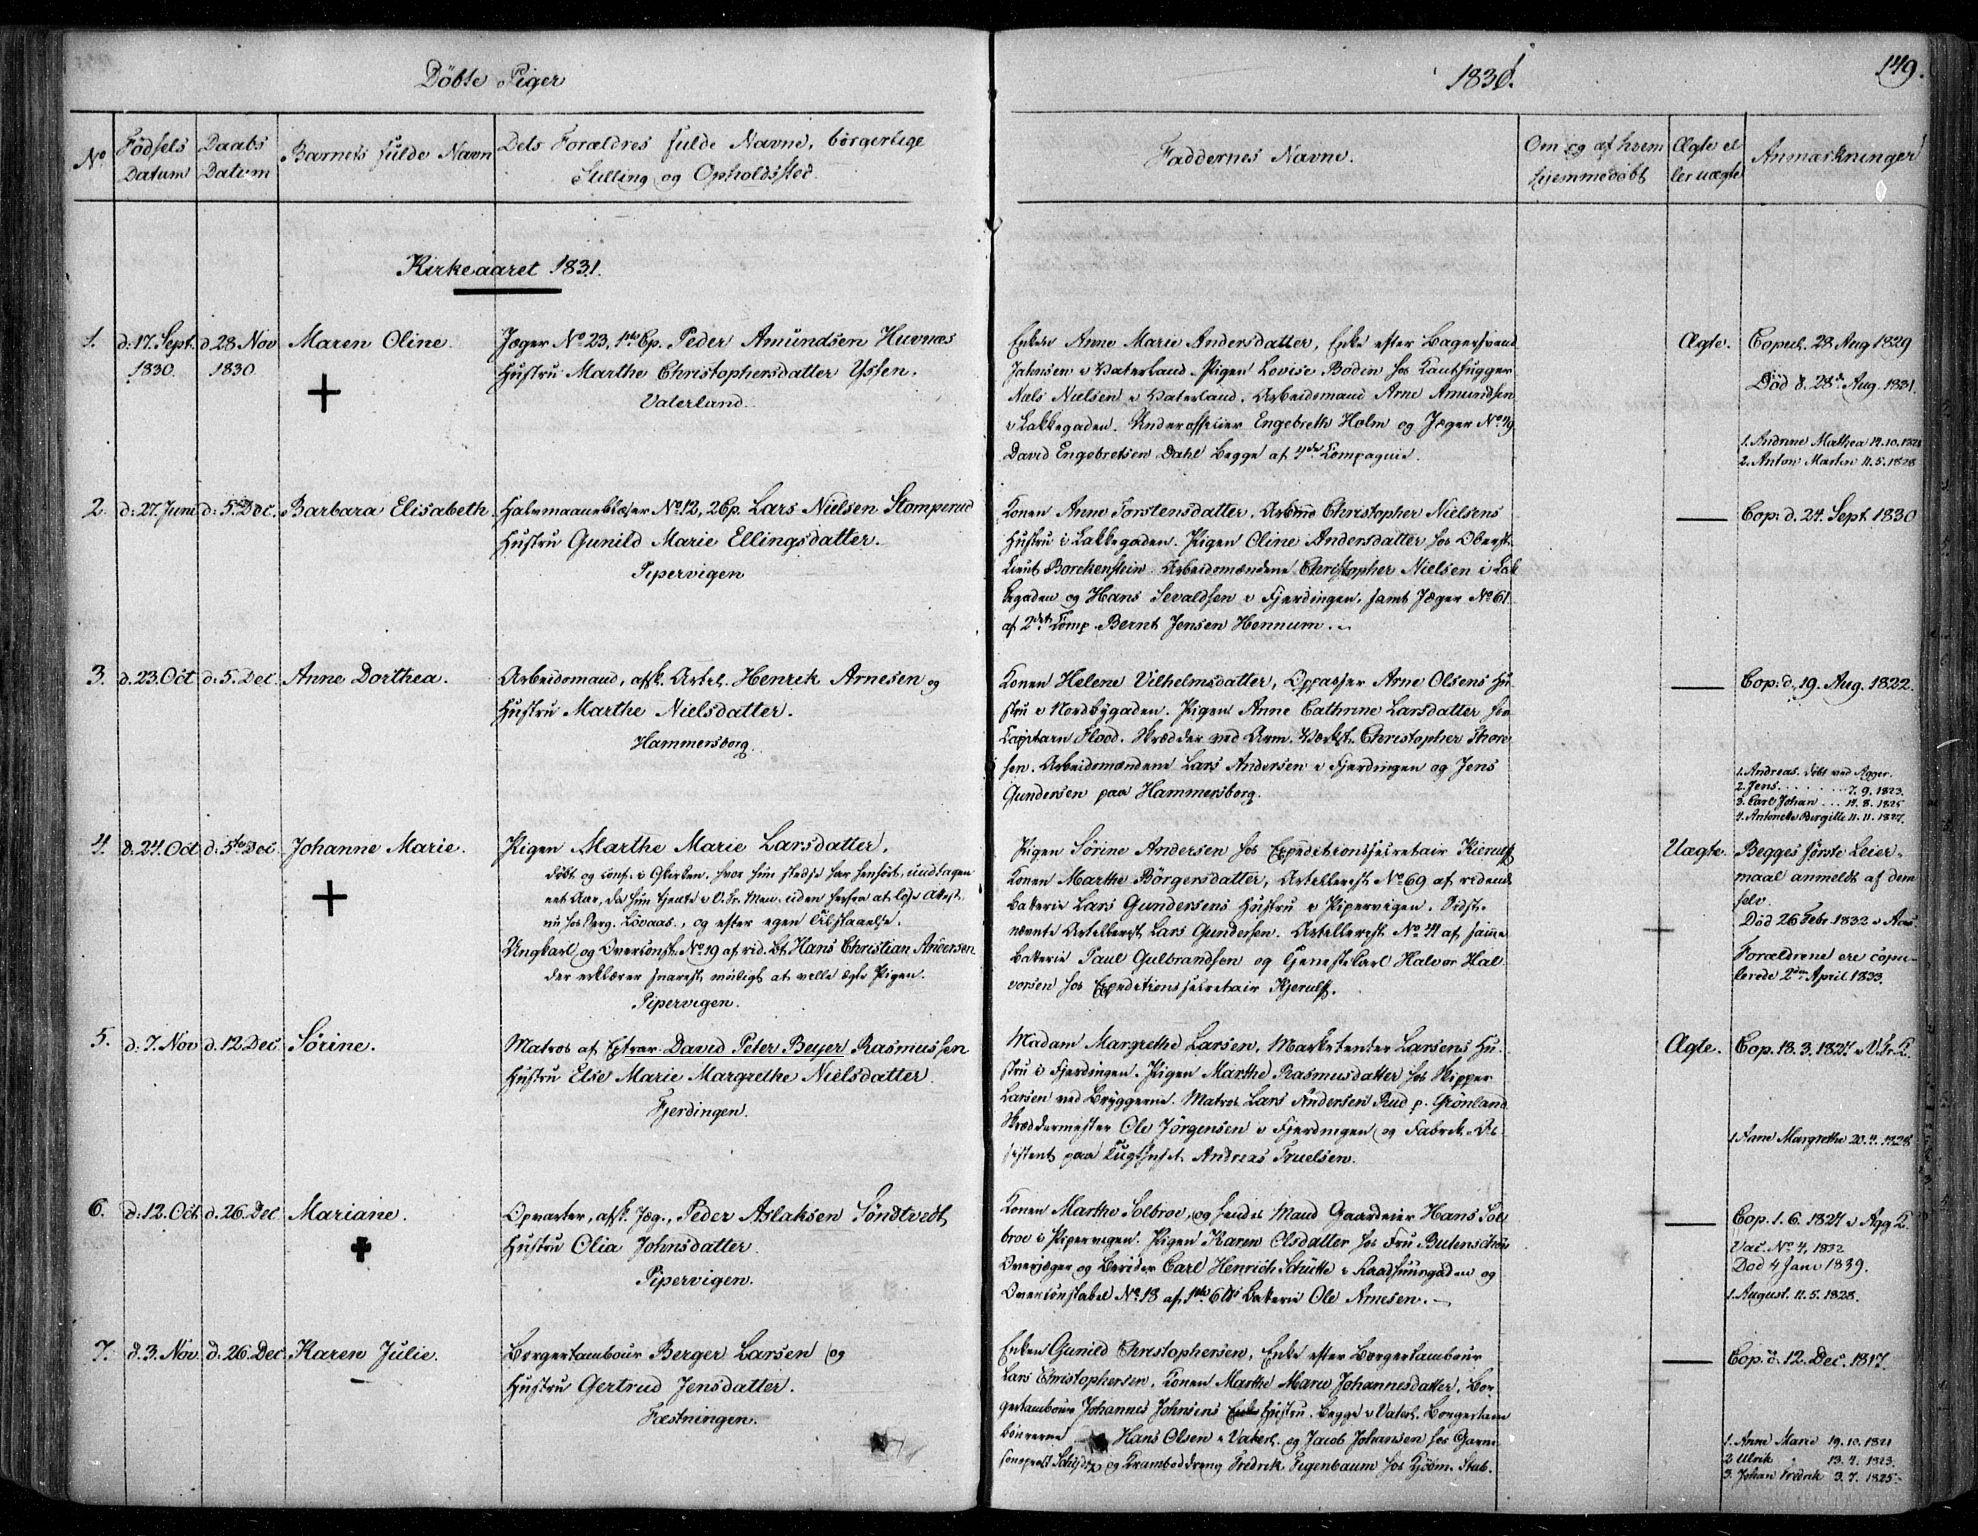 SAO, Garnisonsmenigheten Kirkebøker, F/Fa/L0006: Ministerialbok nr. 6, 1828-1841, s. 149